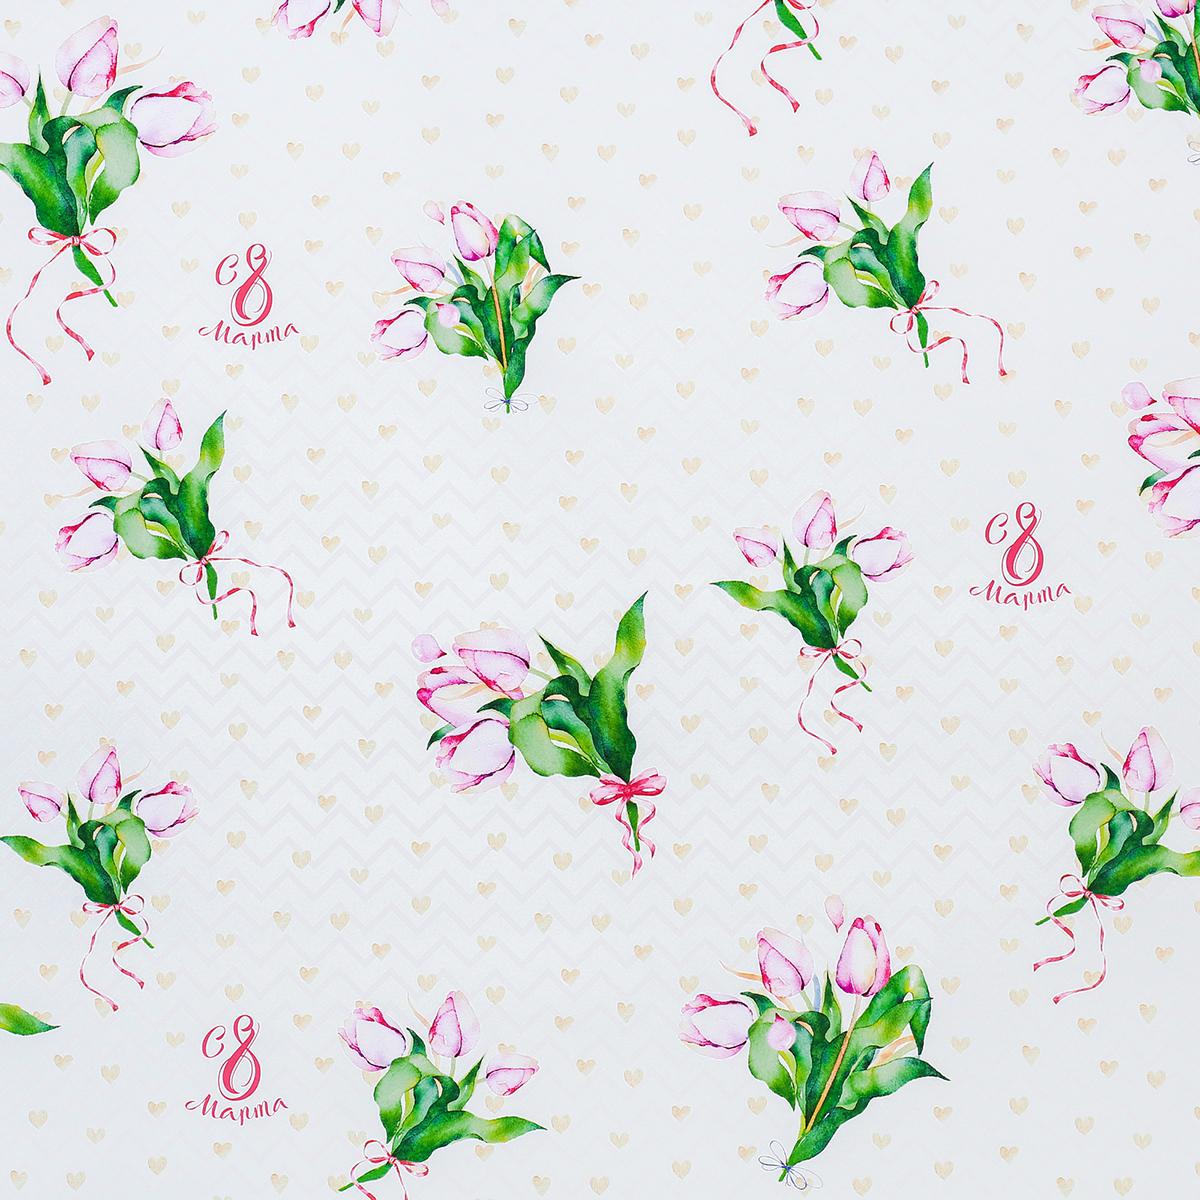 Бумага упаковочная Дарите счастье Розовые тюльпаны, глянцевая, 70 х 100 см. 28873202887320Любой подарок начинается с упаковки. Что может быть трогательнее и волшебнее, чем ритуал разворачивания полученного презента. И именно оригинальная, со вкусом выбранная упаковка выделит ваш подарок из массы других. Она продемонстрирует самые тёплые чувства к виновнику торжества и создаст сказочную атмосферу праздника. Бумага упаковочная глянцевая Розовые тюльпаны, 100х70 см — это то, что вы искали. Невозможно представить нашу жизнь без праздников! Мы всегда ждём их и предвкушаем, обдумываем, как проведём памятный день, тщательно выбираем подарки и аксессуары, ведь именно они создают и поддерживают торжественный настрой. Бумага упаковочная глянцевая Розовые тюльпаны, 100х70 см — это отличный выбор, который привнесёт атмосферу праздника в ваш дом!